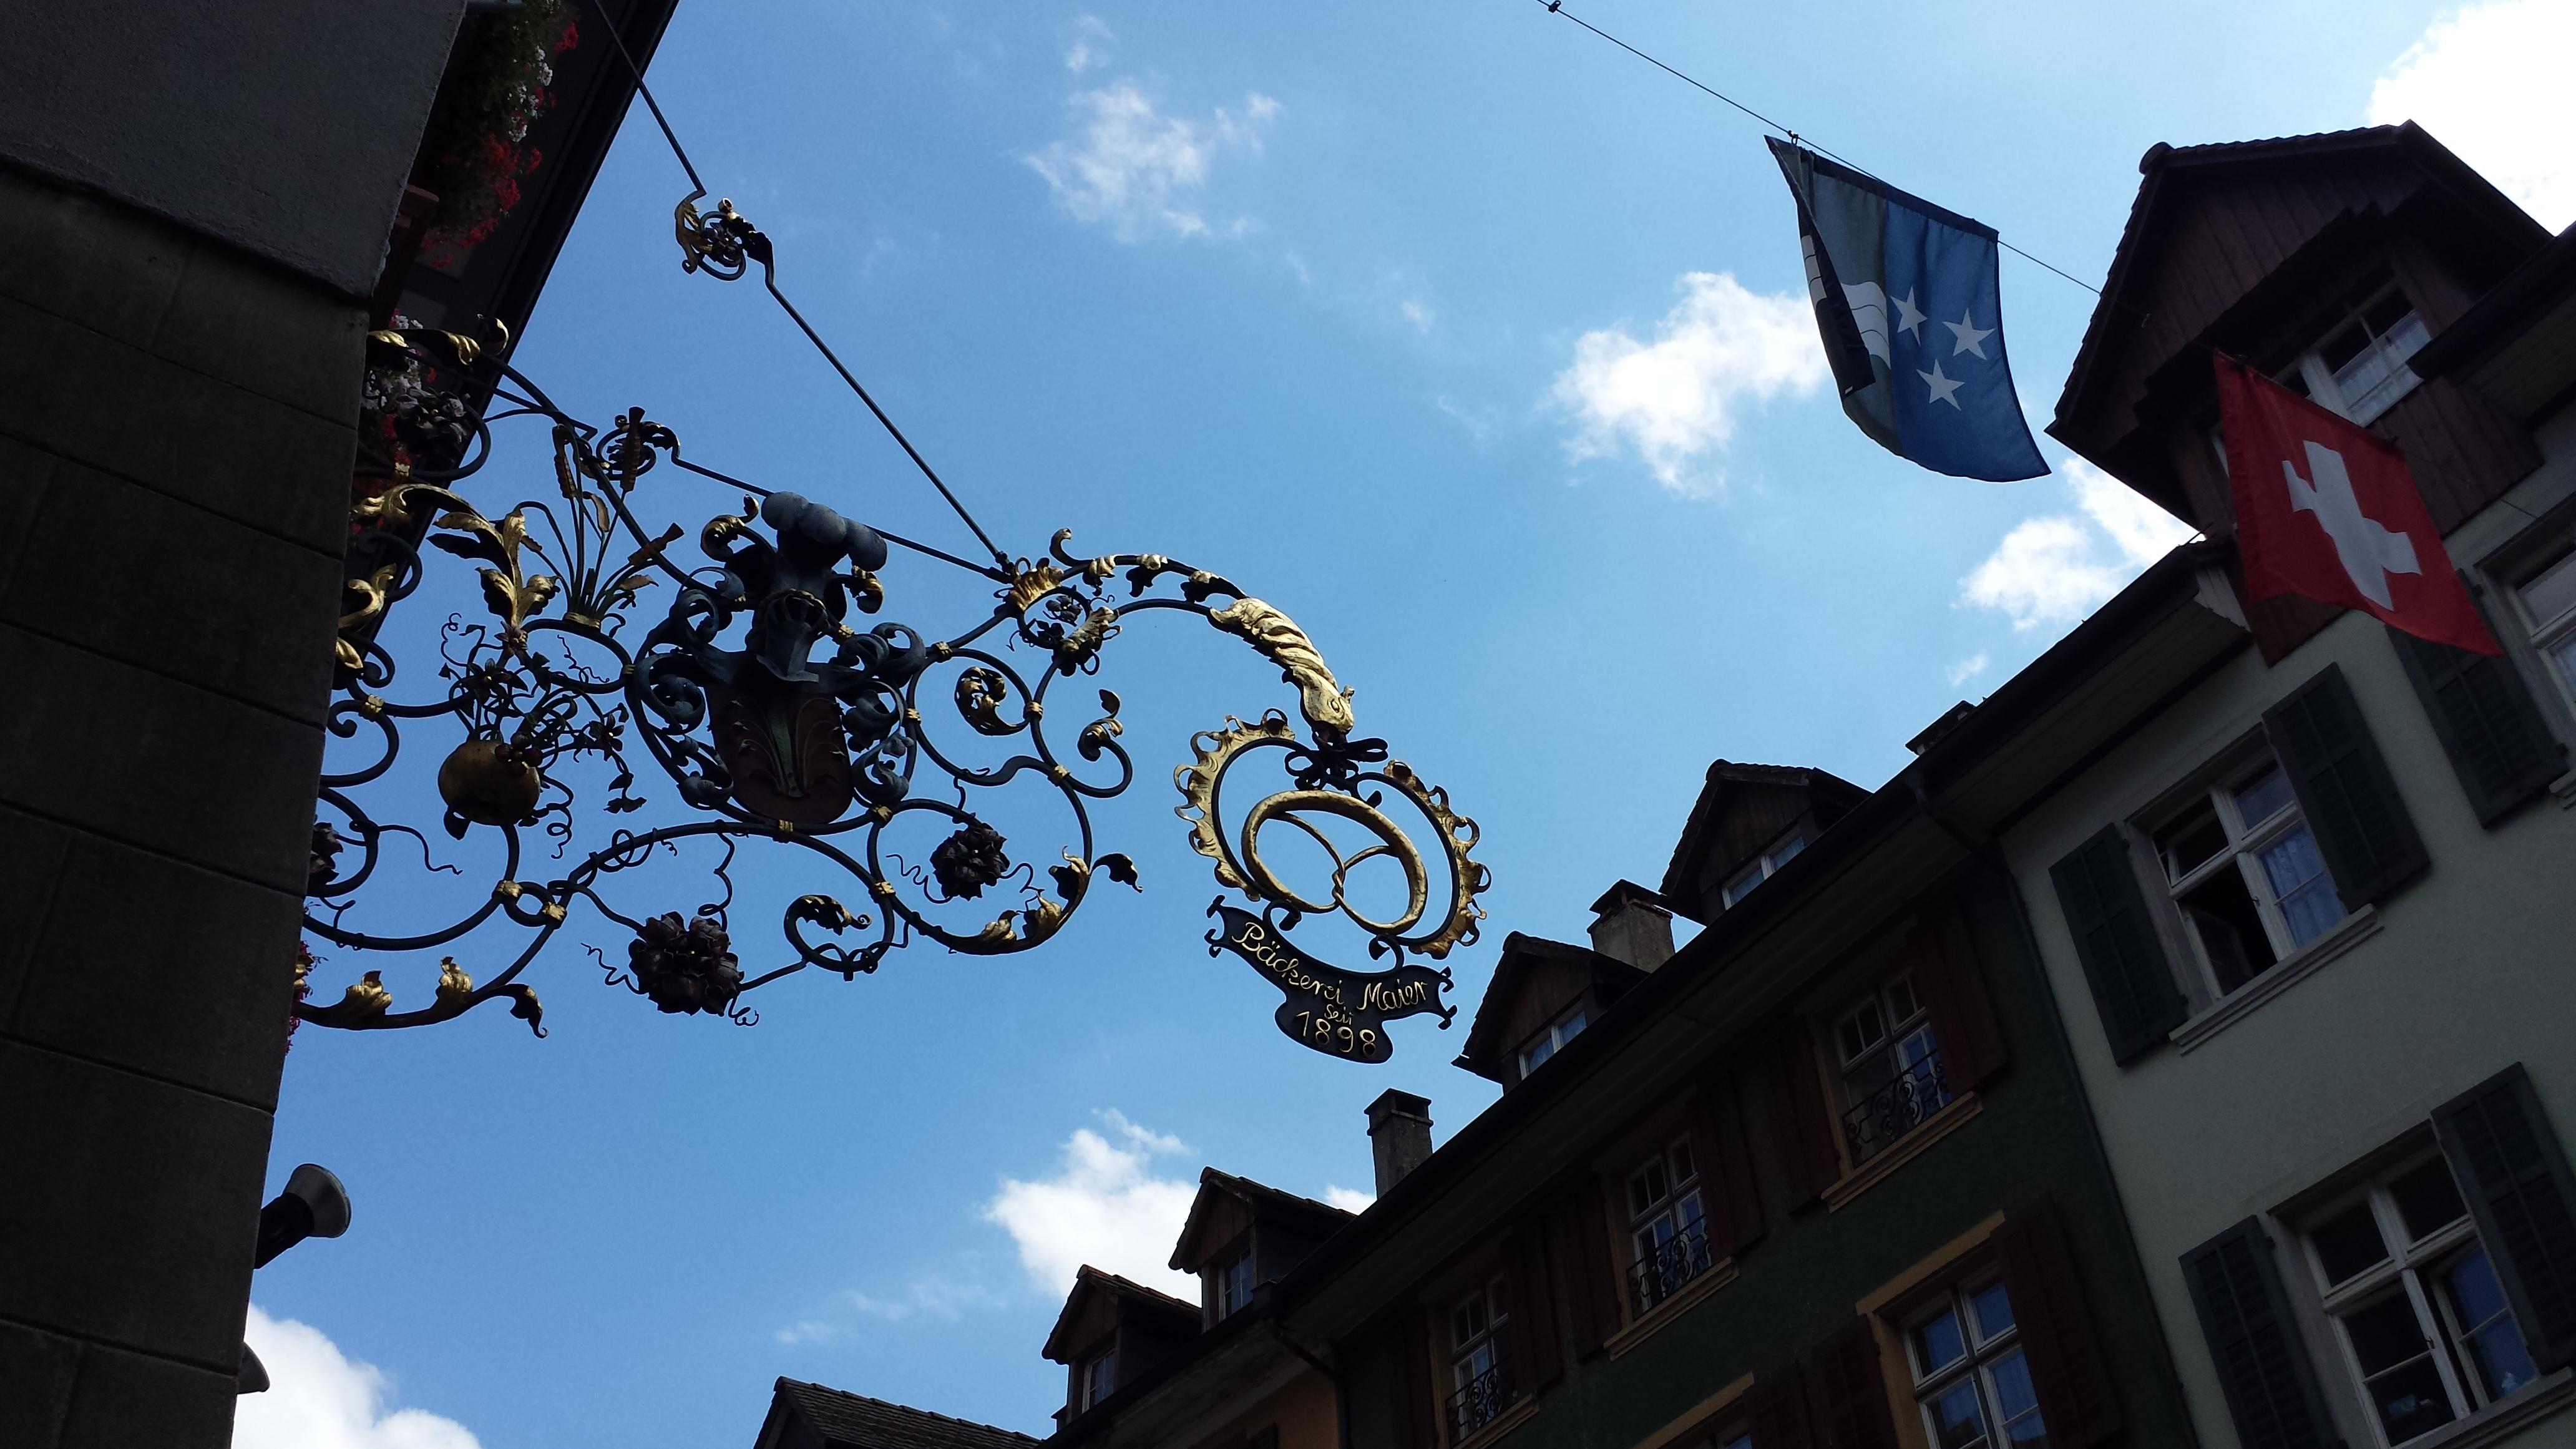 Stechschild in Laufenburg